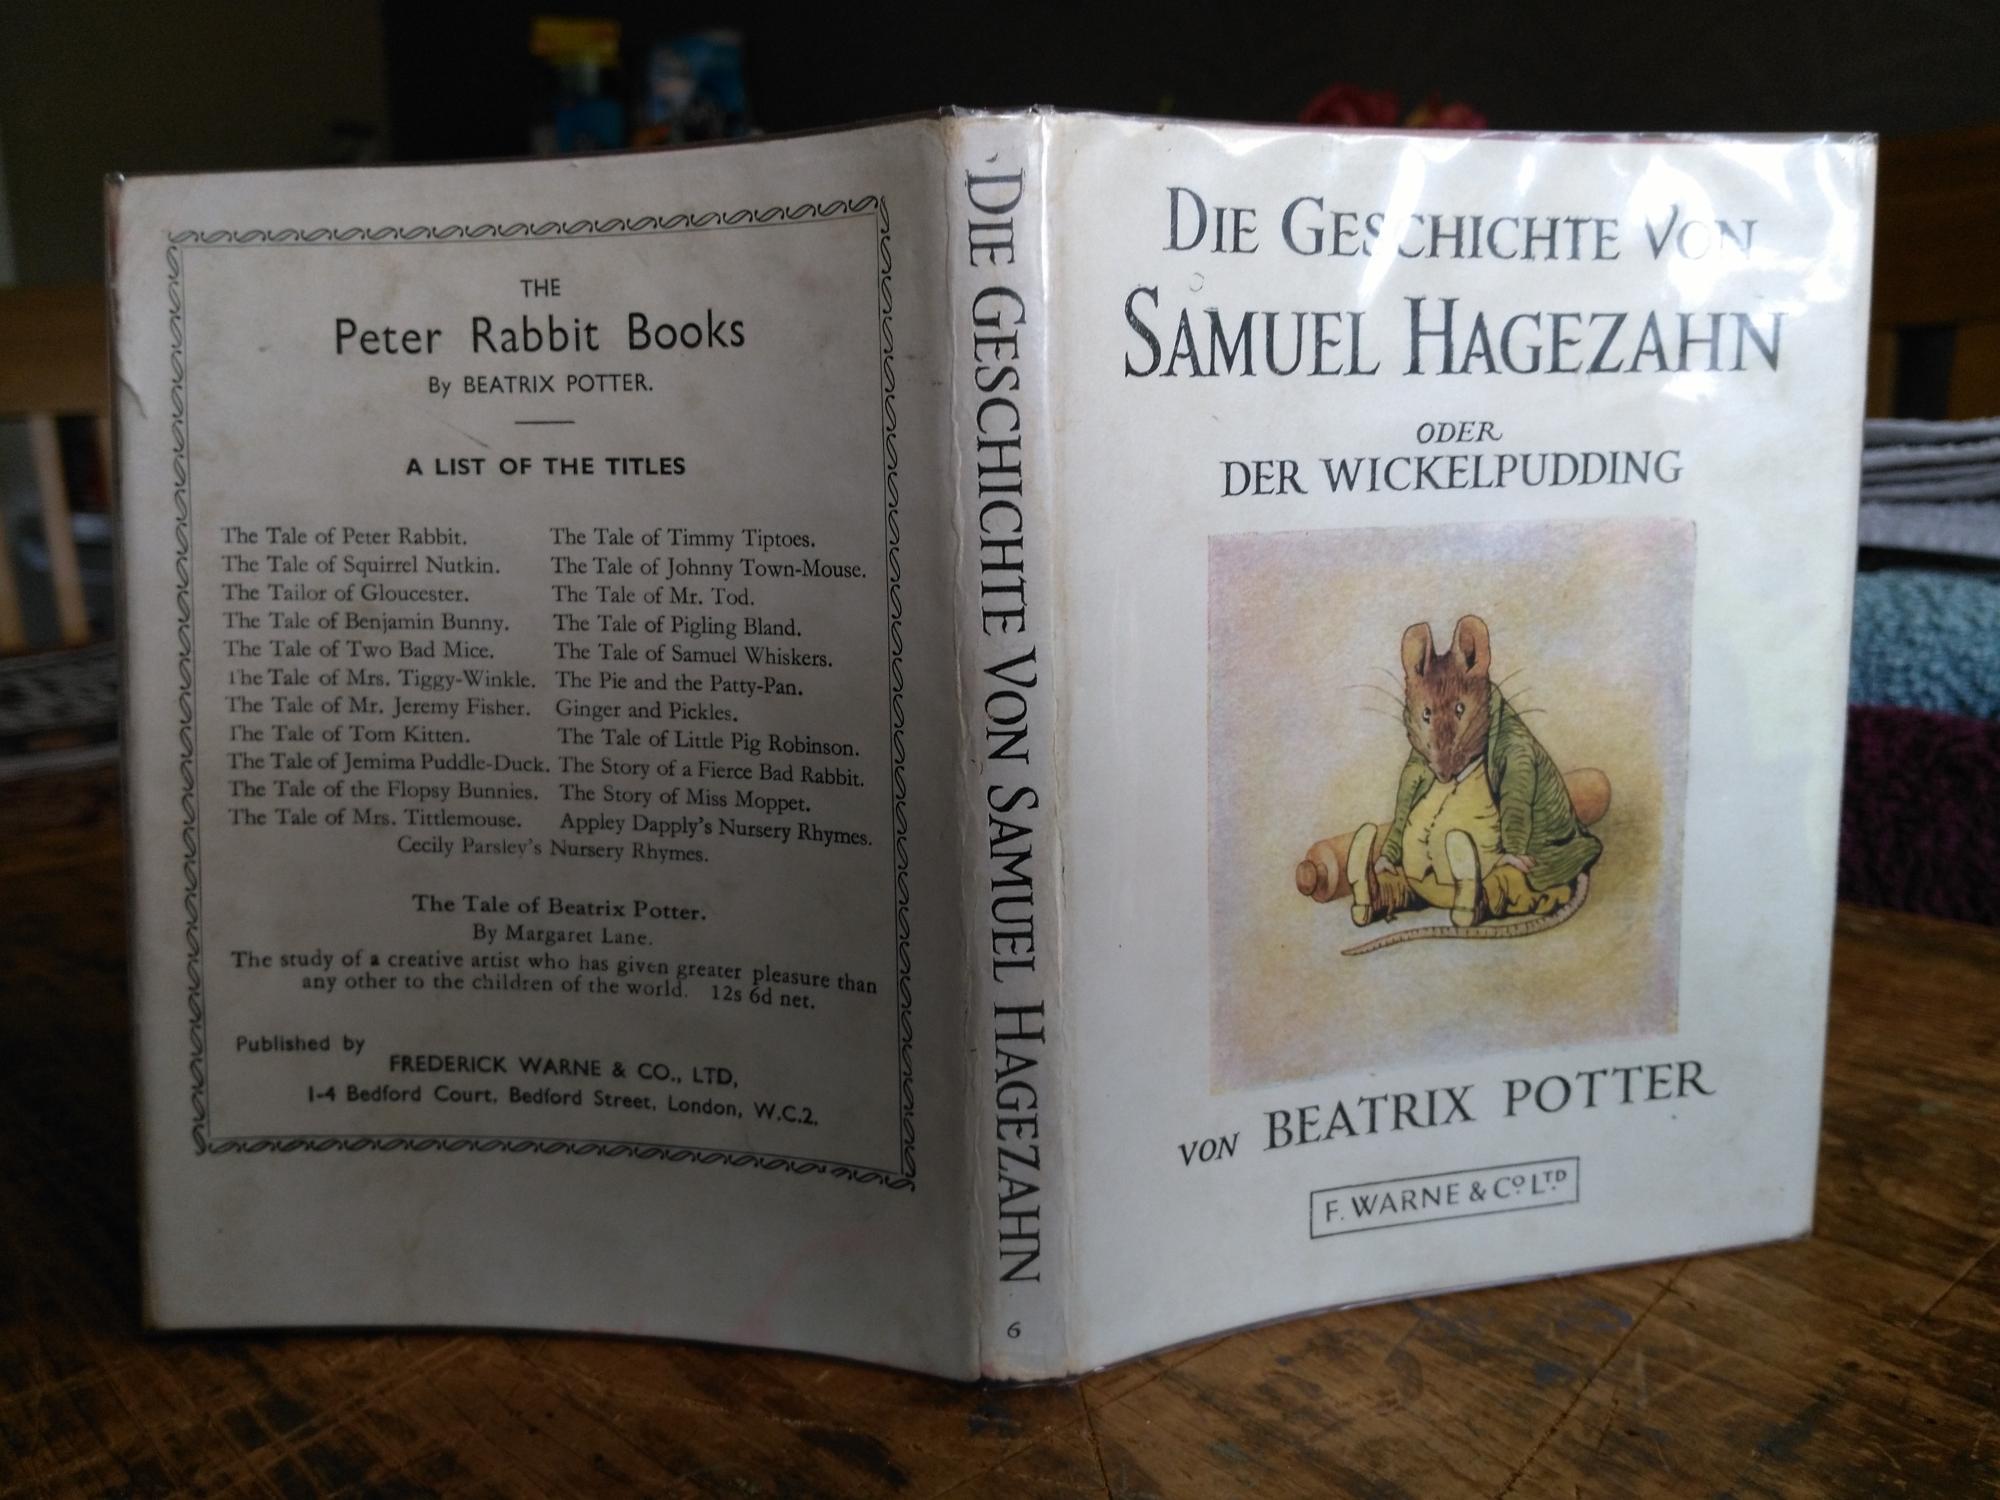 Die Geschichte Von Samuel Hagezahn oder Der Wickelpudding - Beatrix Potter